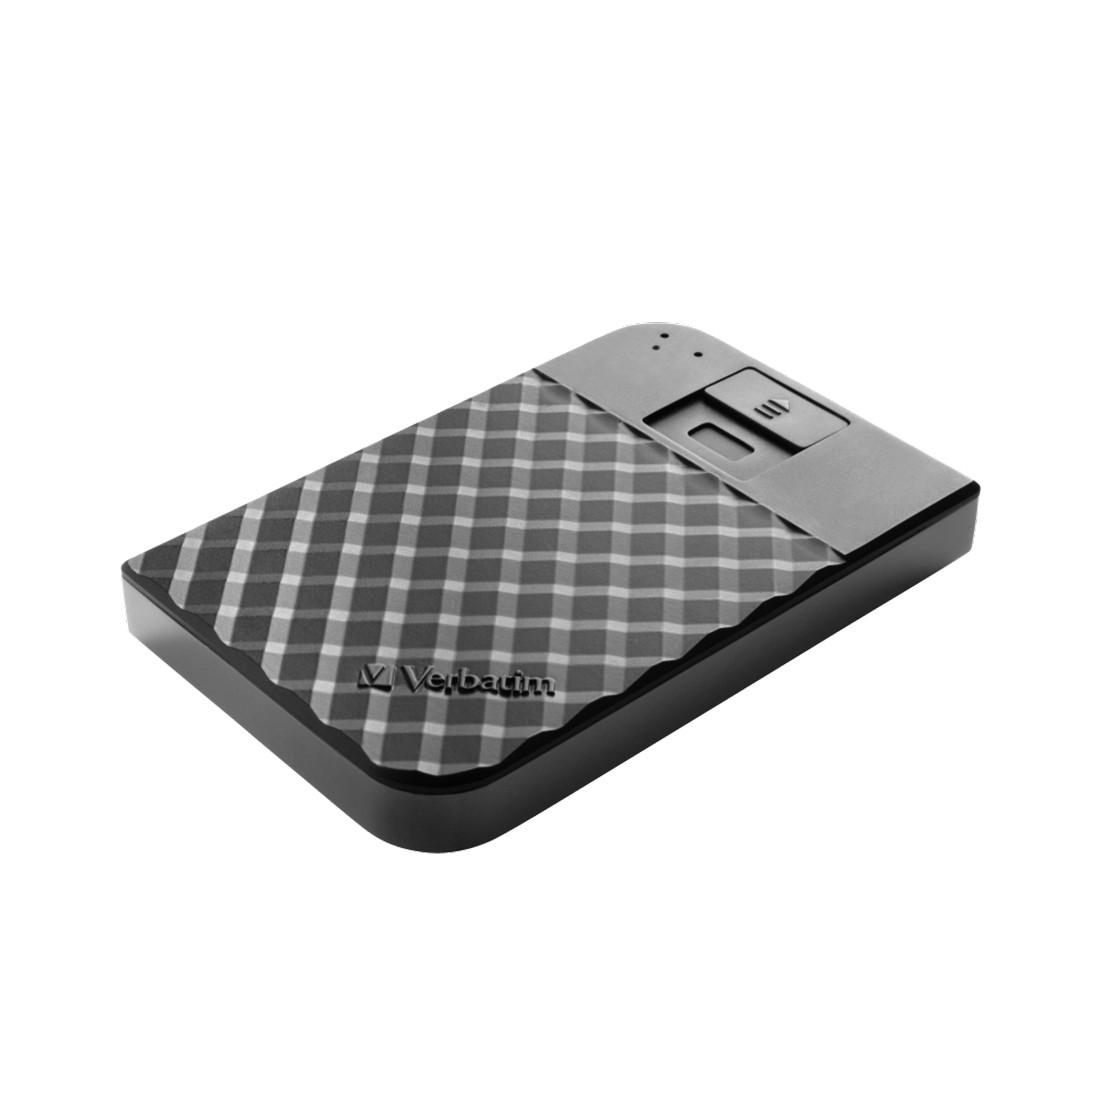 """Внешний жёсткий диск  Verbatim  53650  1TB  2.5""""  USB 3.1  Чёрный"""